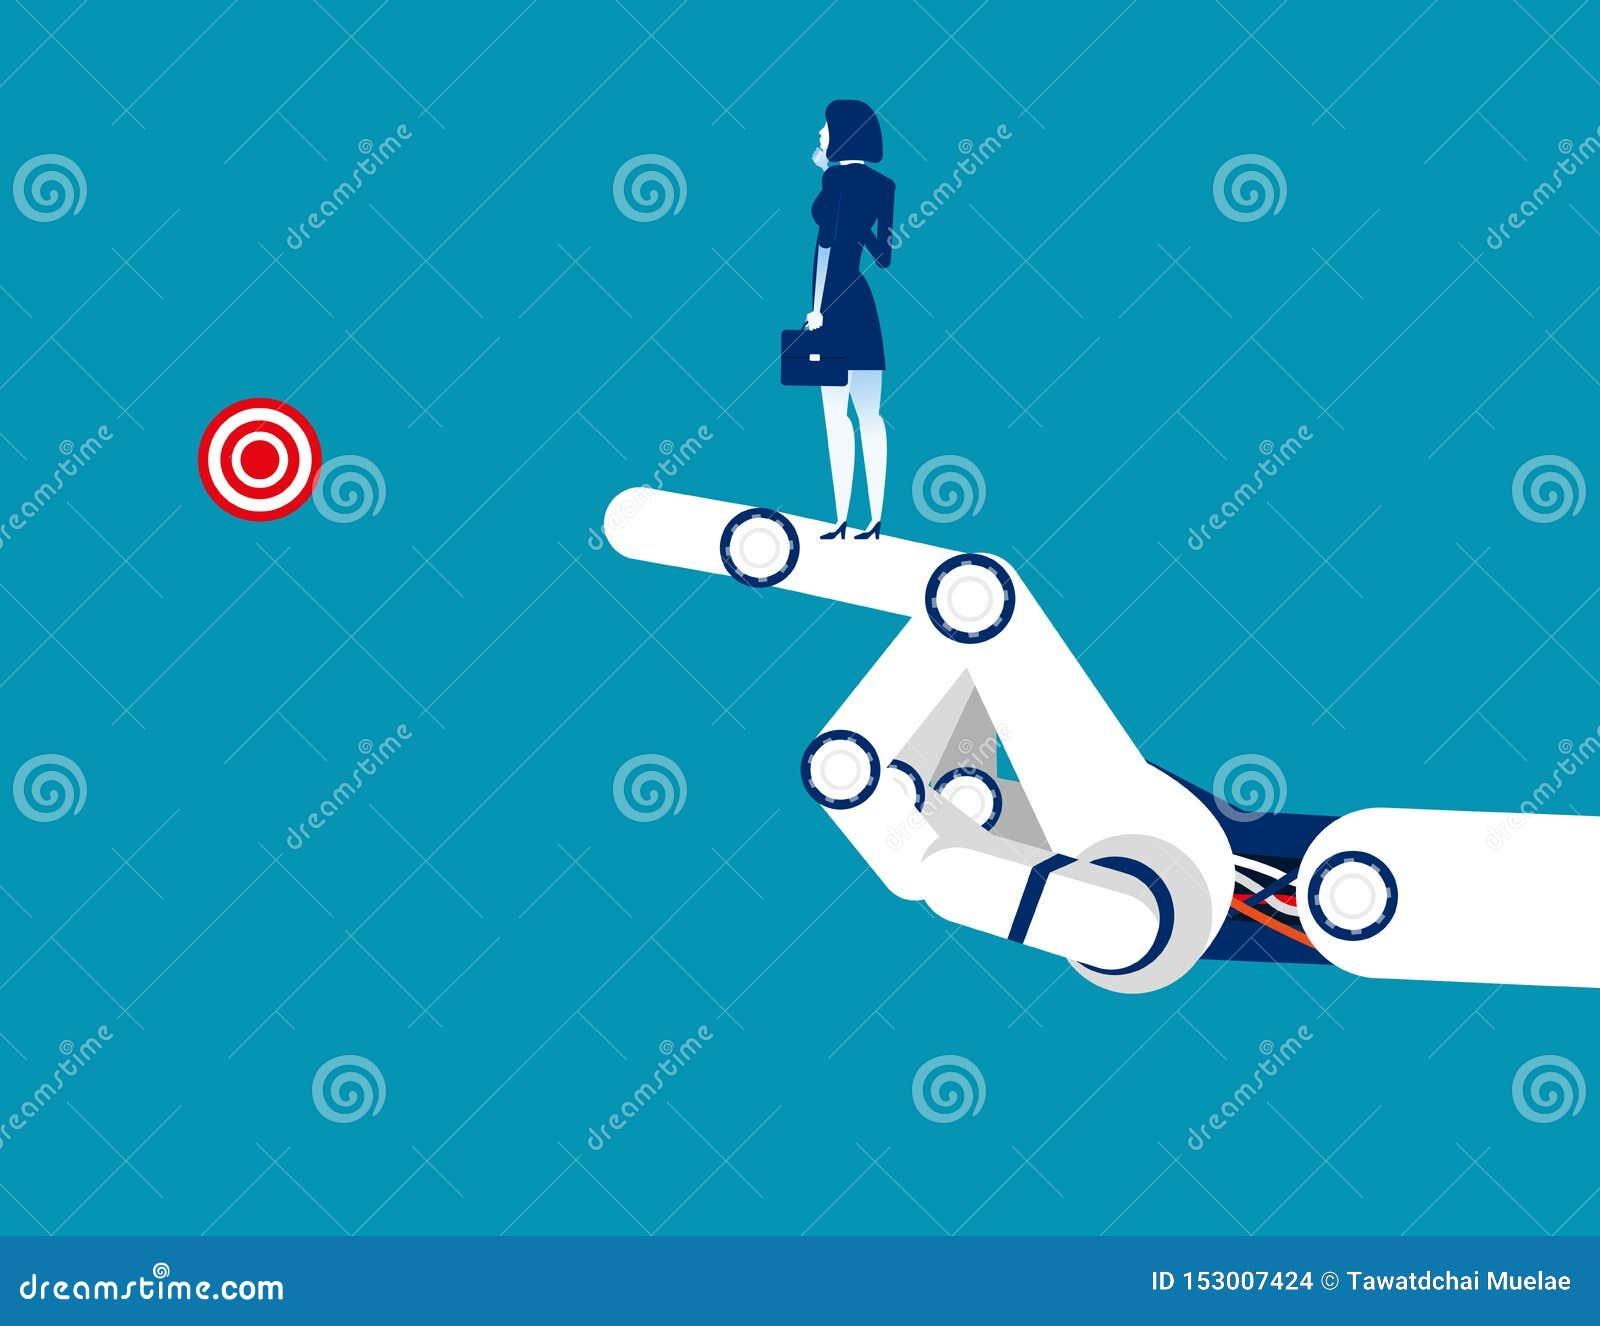 Επιτυχία τεχνολογίας Επιχειρηματίας που στέκεται στο βραχίονα μηχανικό r Επίπεδος χαρακτήρας, κινούμενα σχέδια